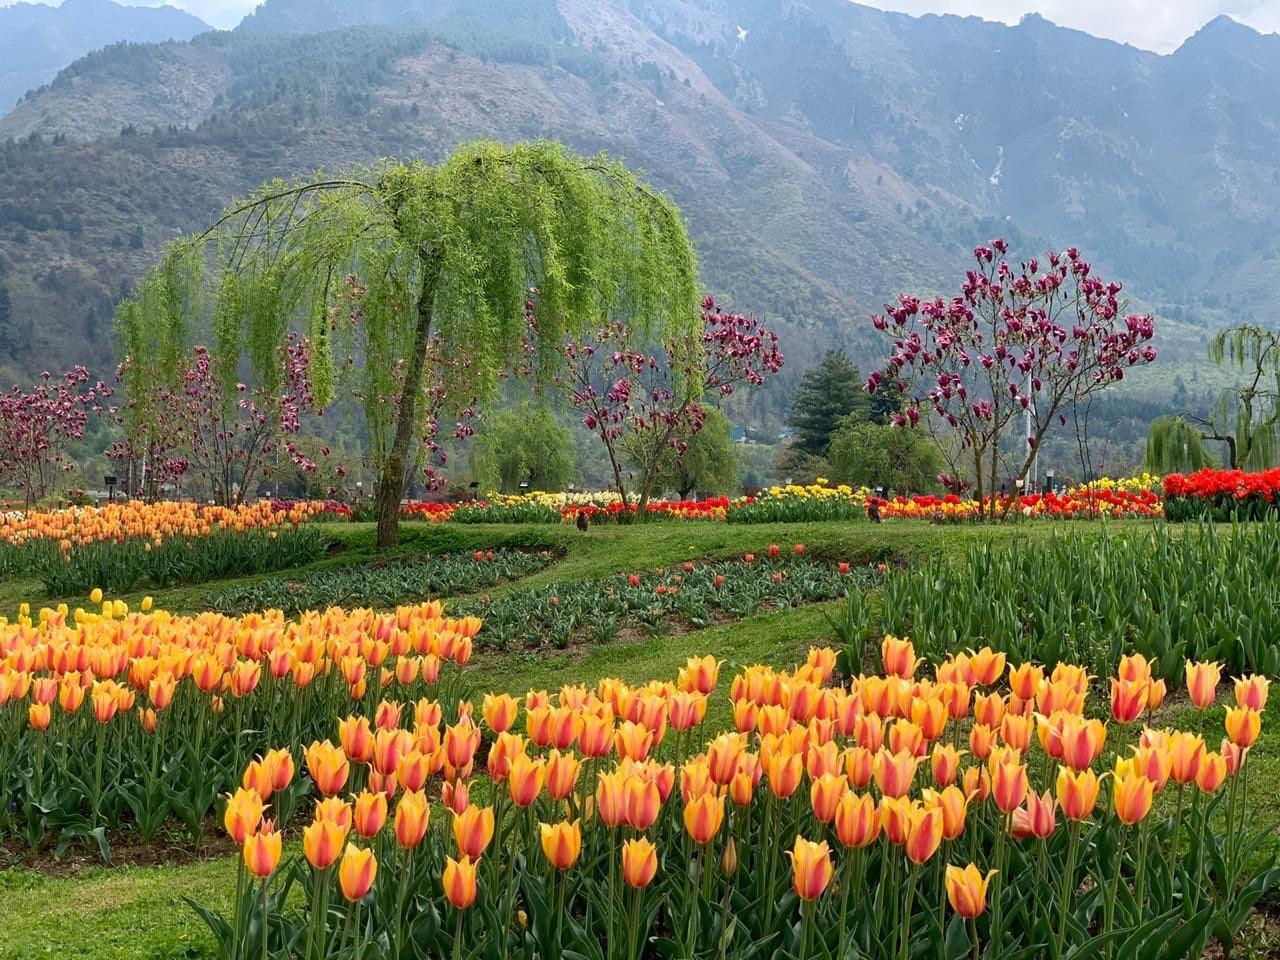 काश्मीर खोऱ्यातलं हे ट्युलिप गार्डन येत्या 25 मार्चपासून पर्यटकांसाठी खुलं होत आहे, अशी घोषणा पंतप्रधानांनी केली आहे.